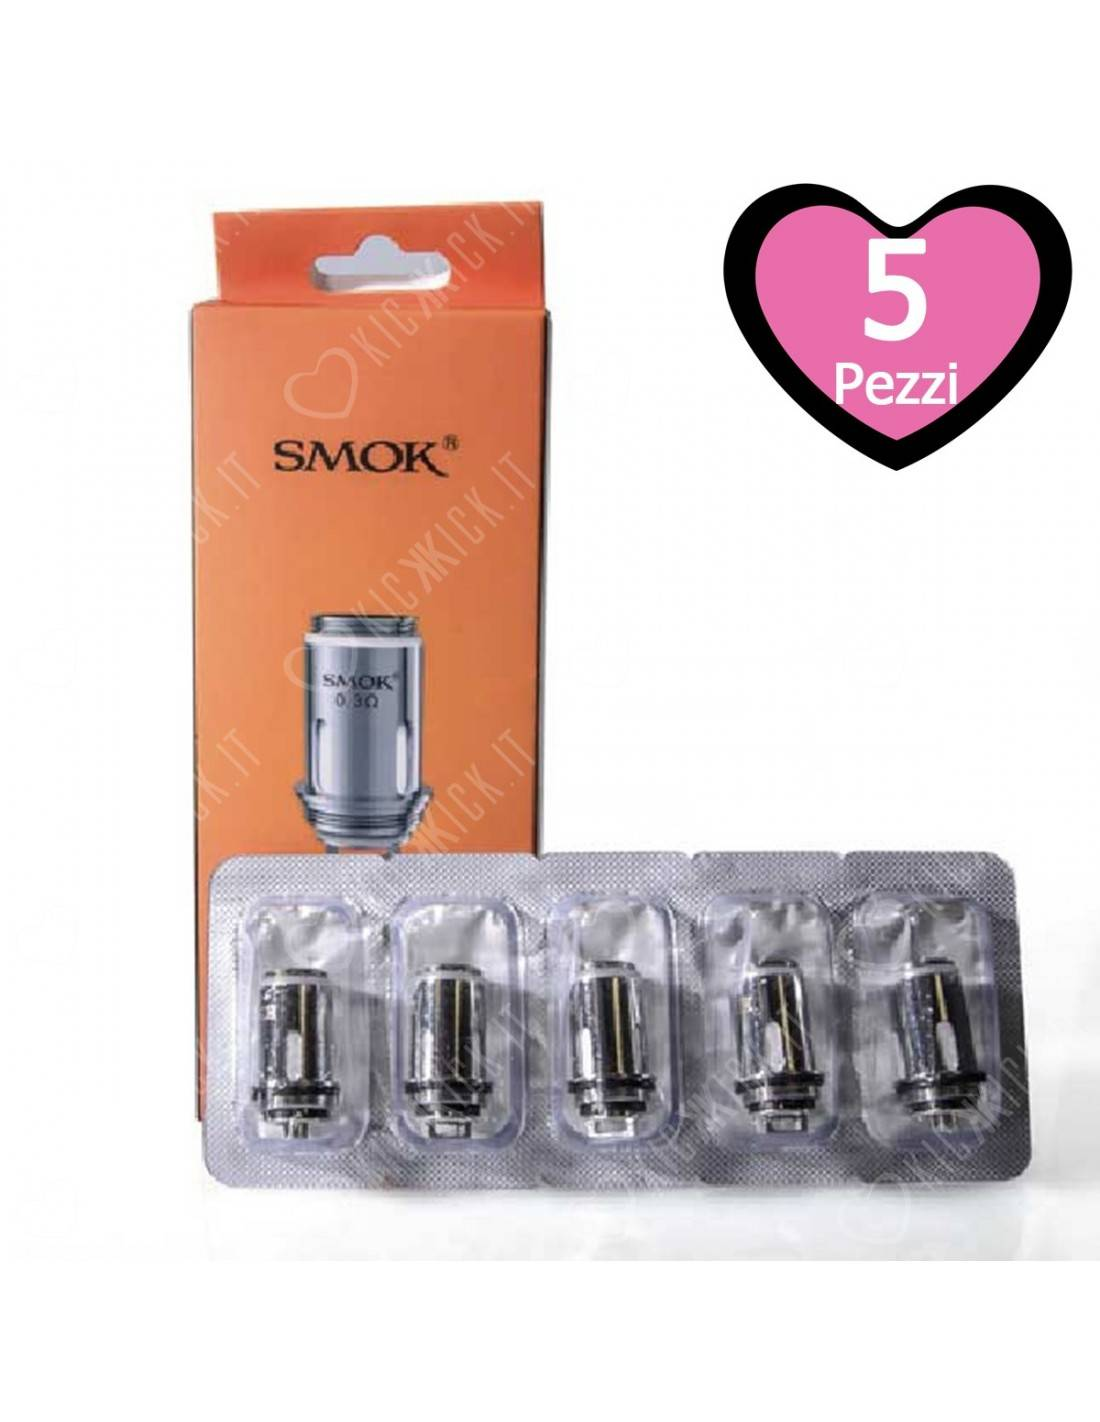 smok resistenza stick aio head coil per atomizzatori kit stick aio e priv one - 5 pezzi